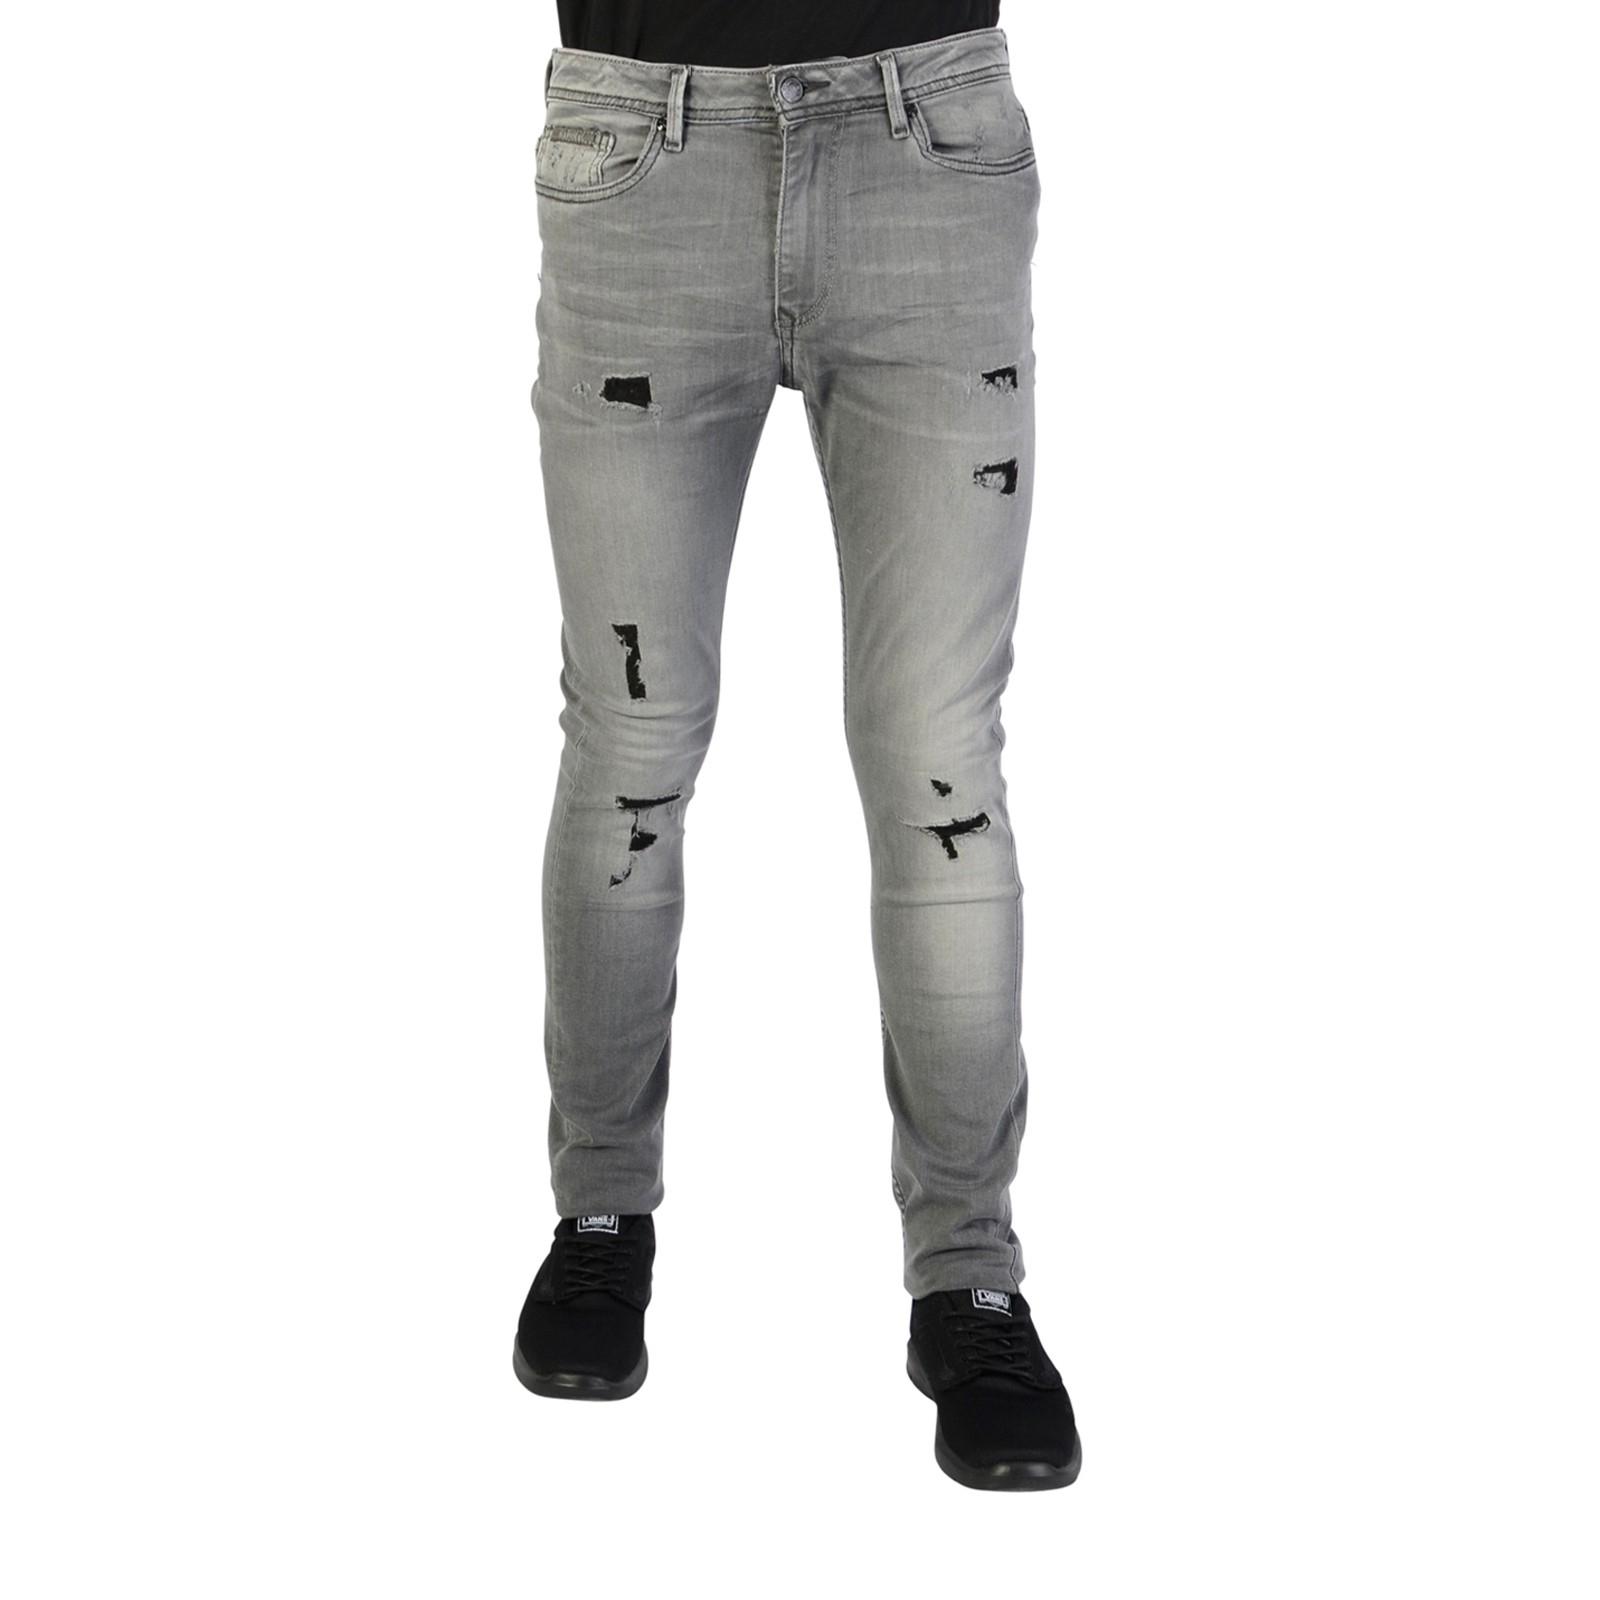 Gris Jeans Garçon Kaporal Jego - 14 Ans Inox Garçon Jeans à Piscine Beaublanc